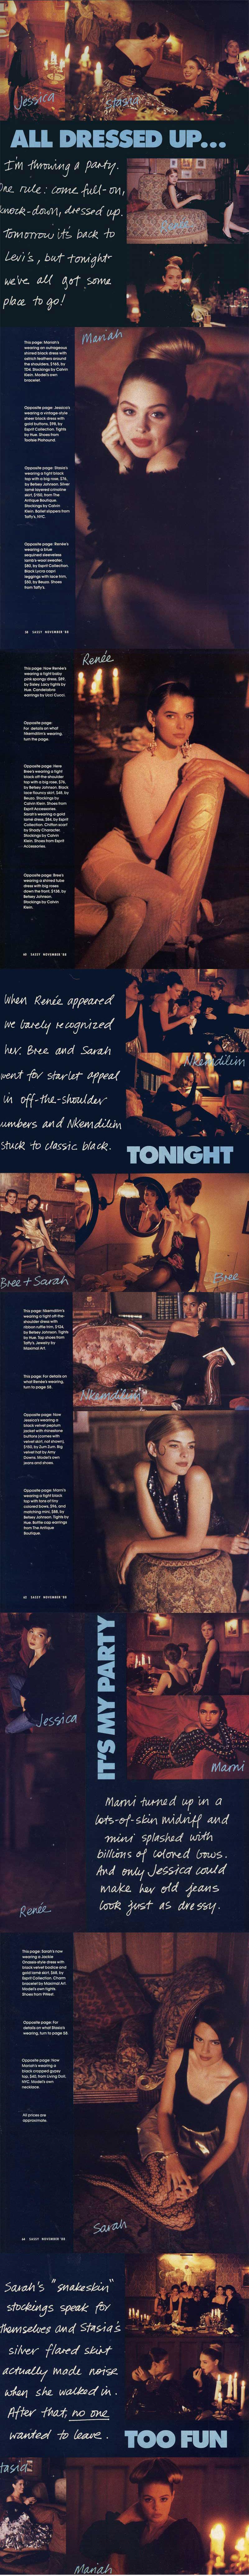 Sassy-november-1988-a